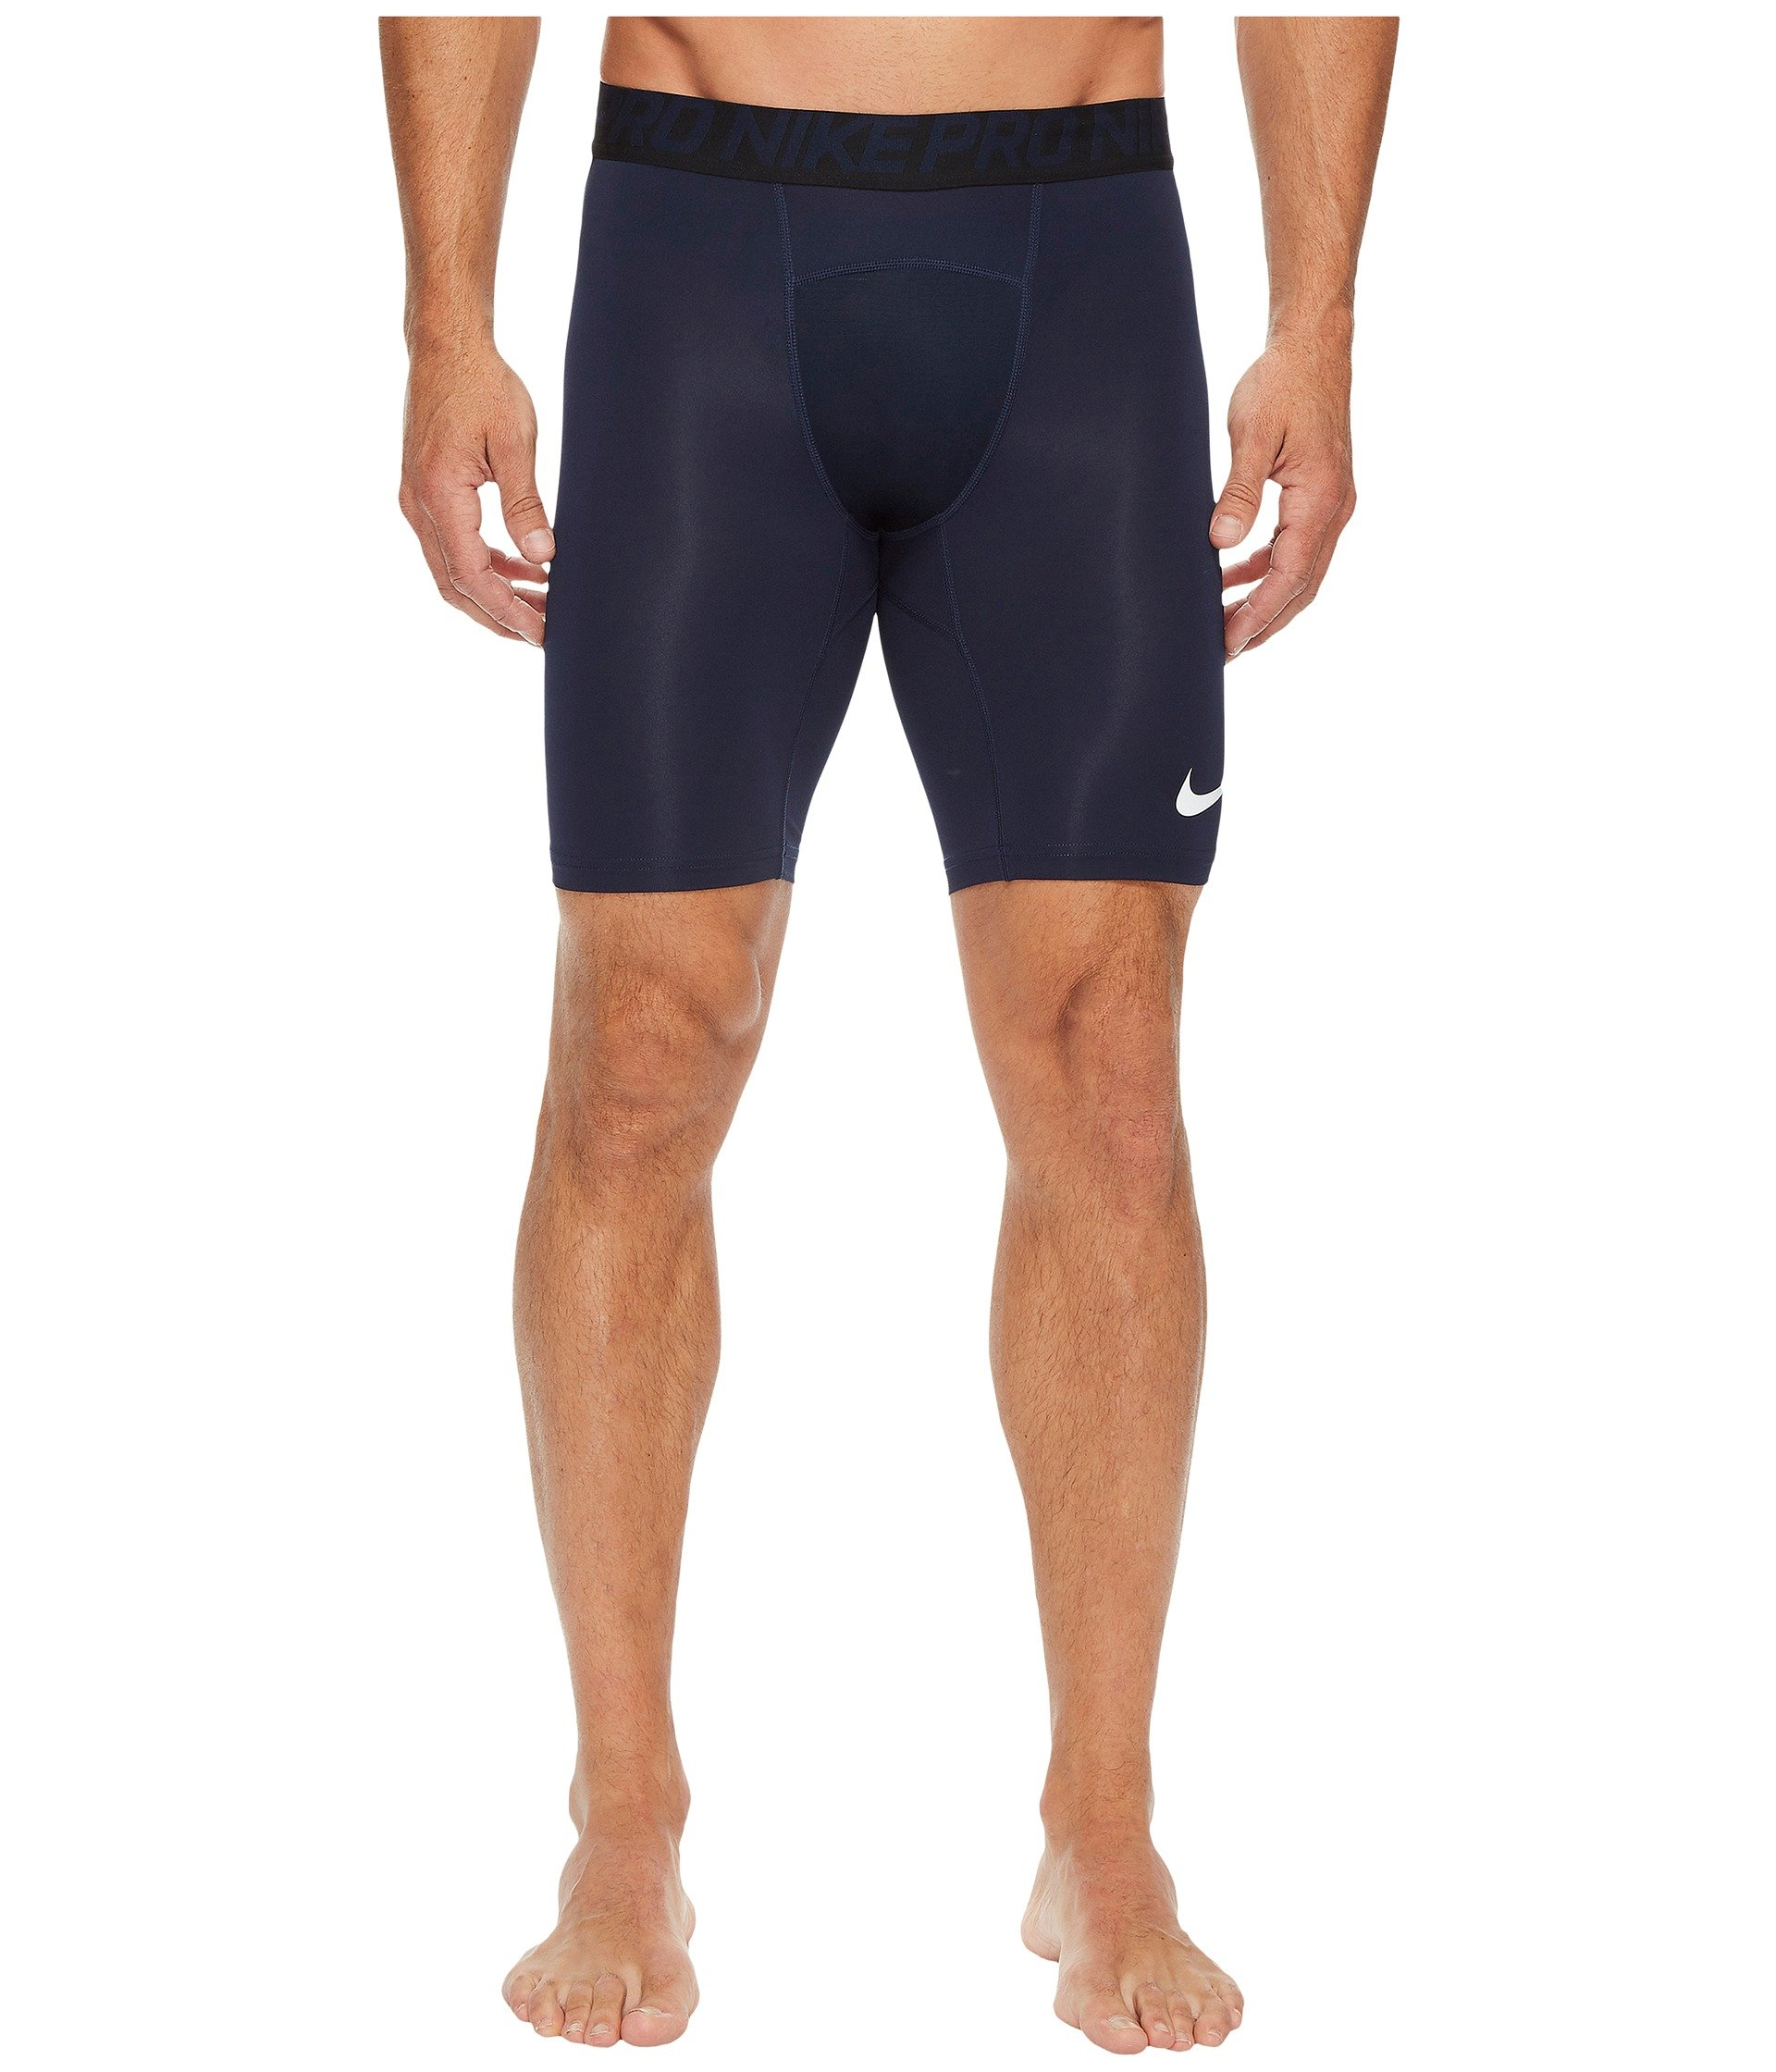 Nike Men Pro Training Shorts, Obsidian/White/White, Size Large by Nike